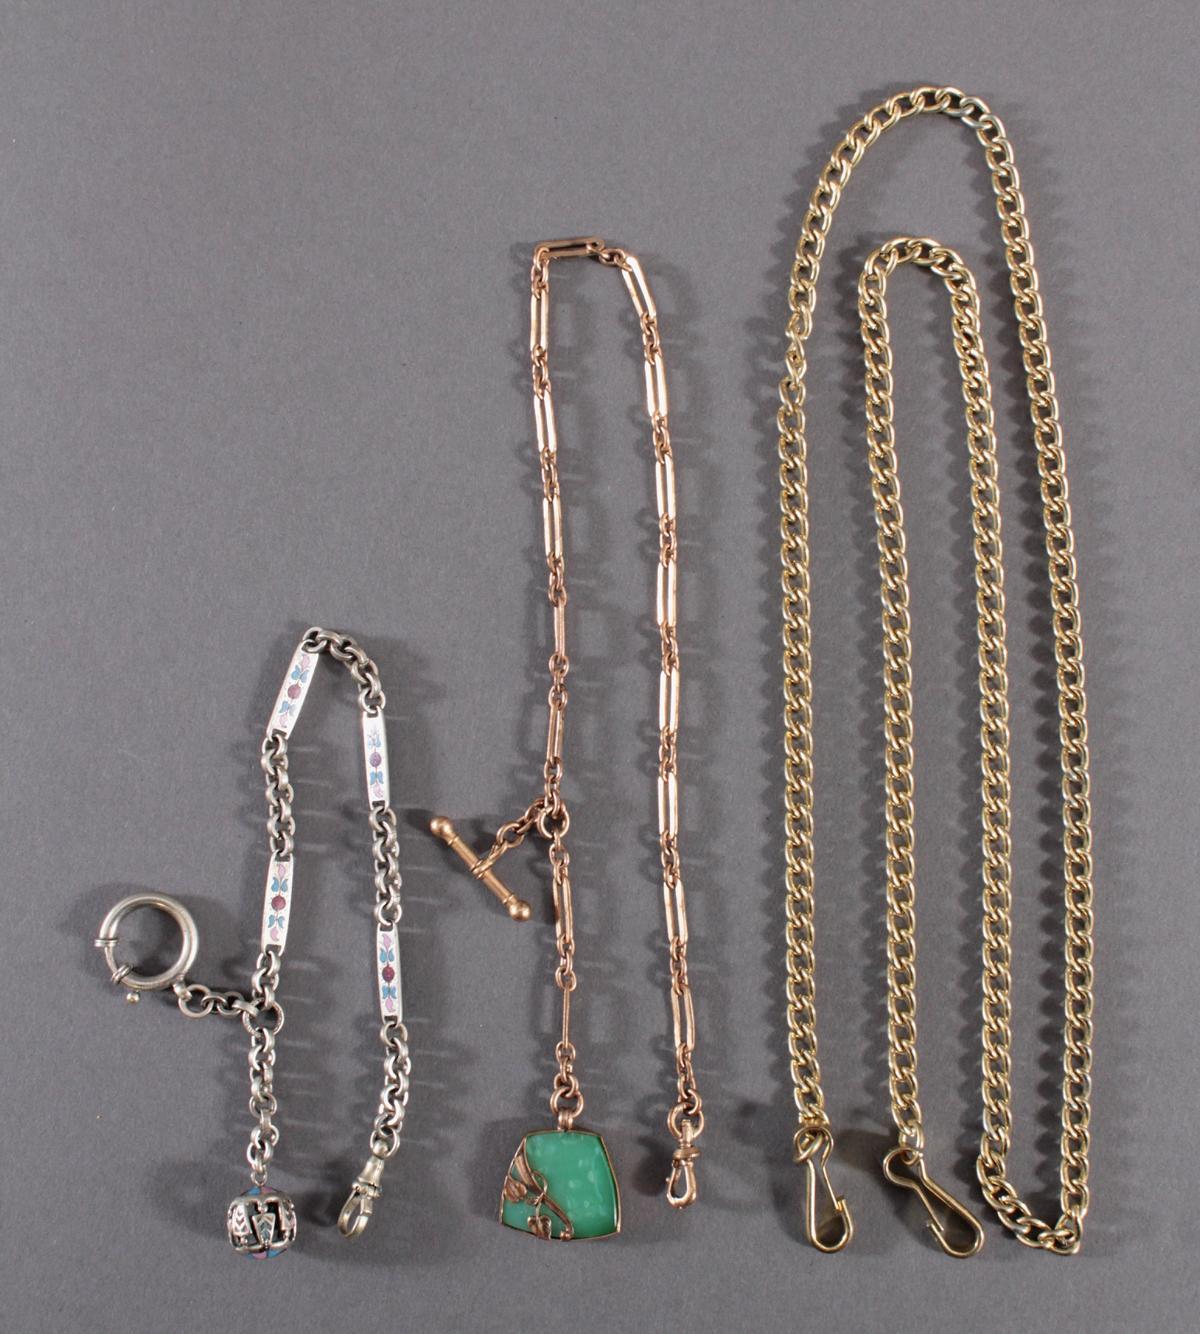 3 Taschenuhrenketten